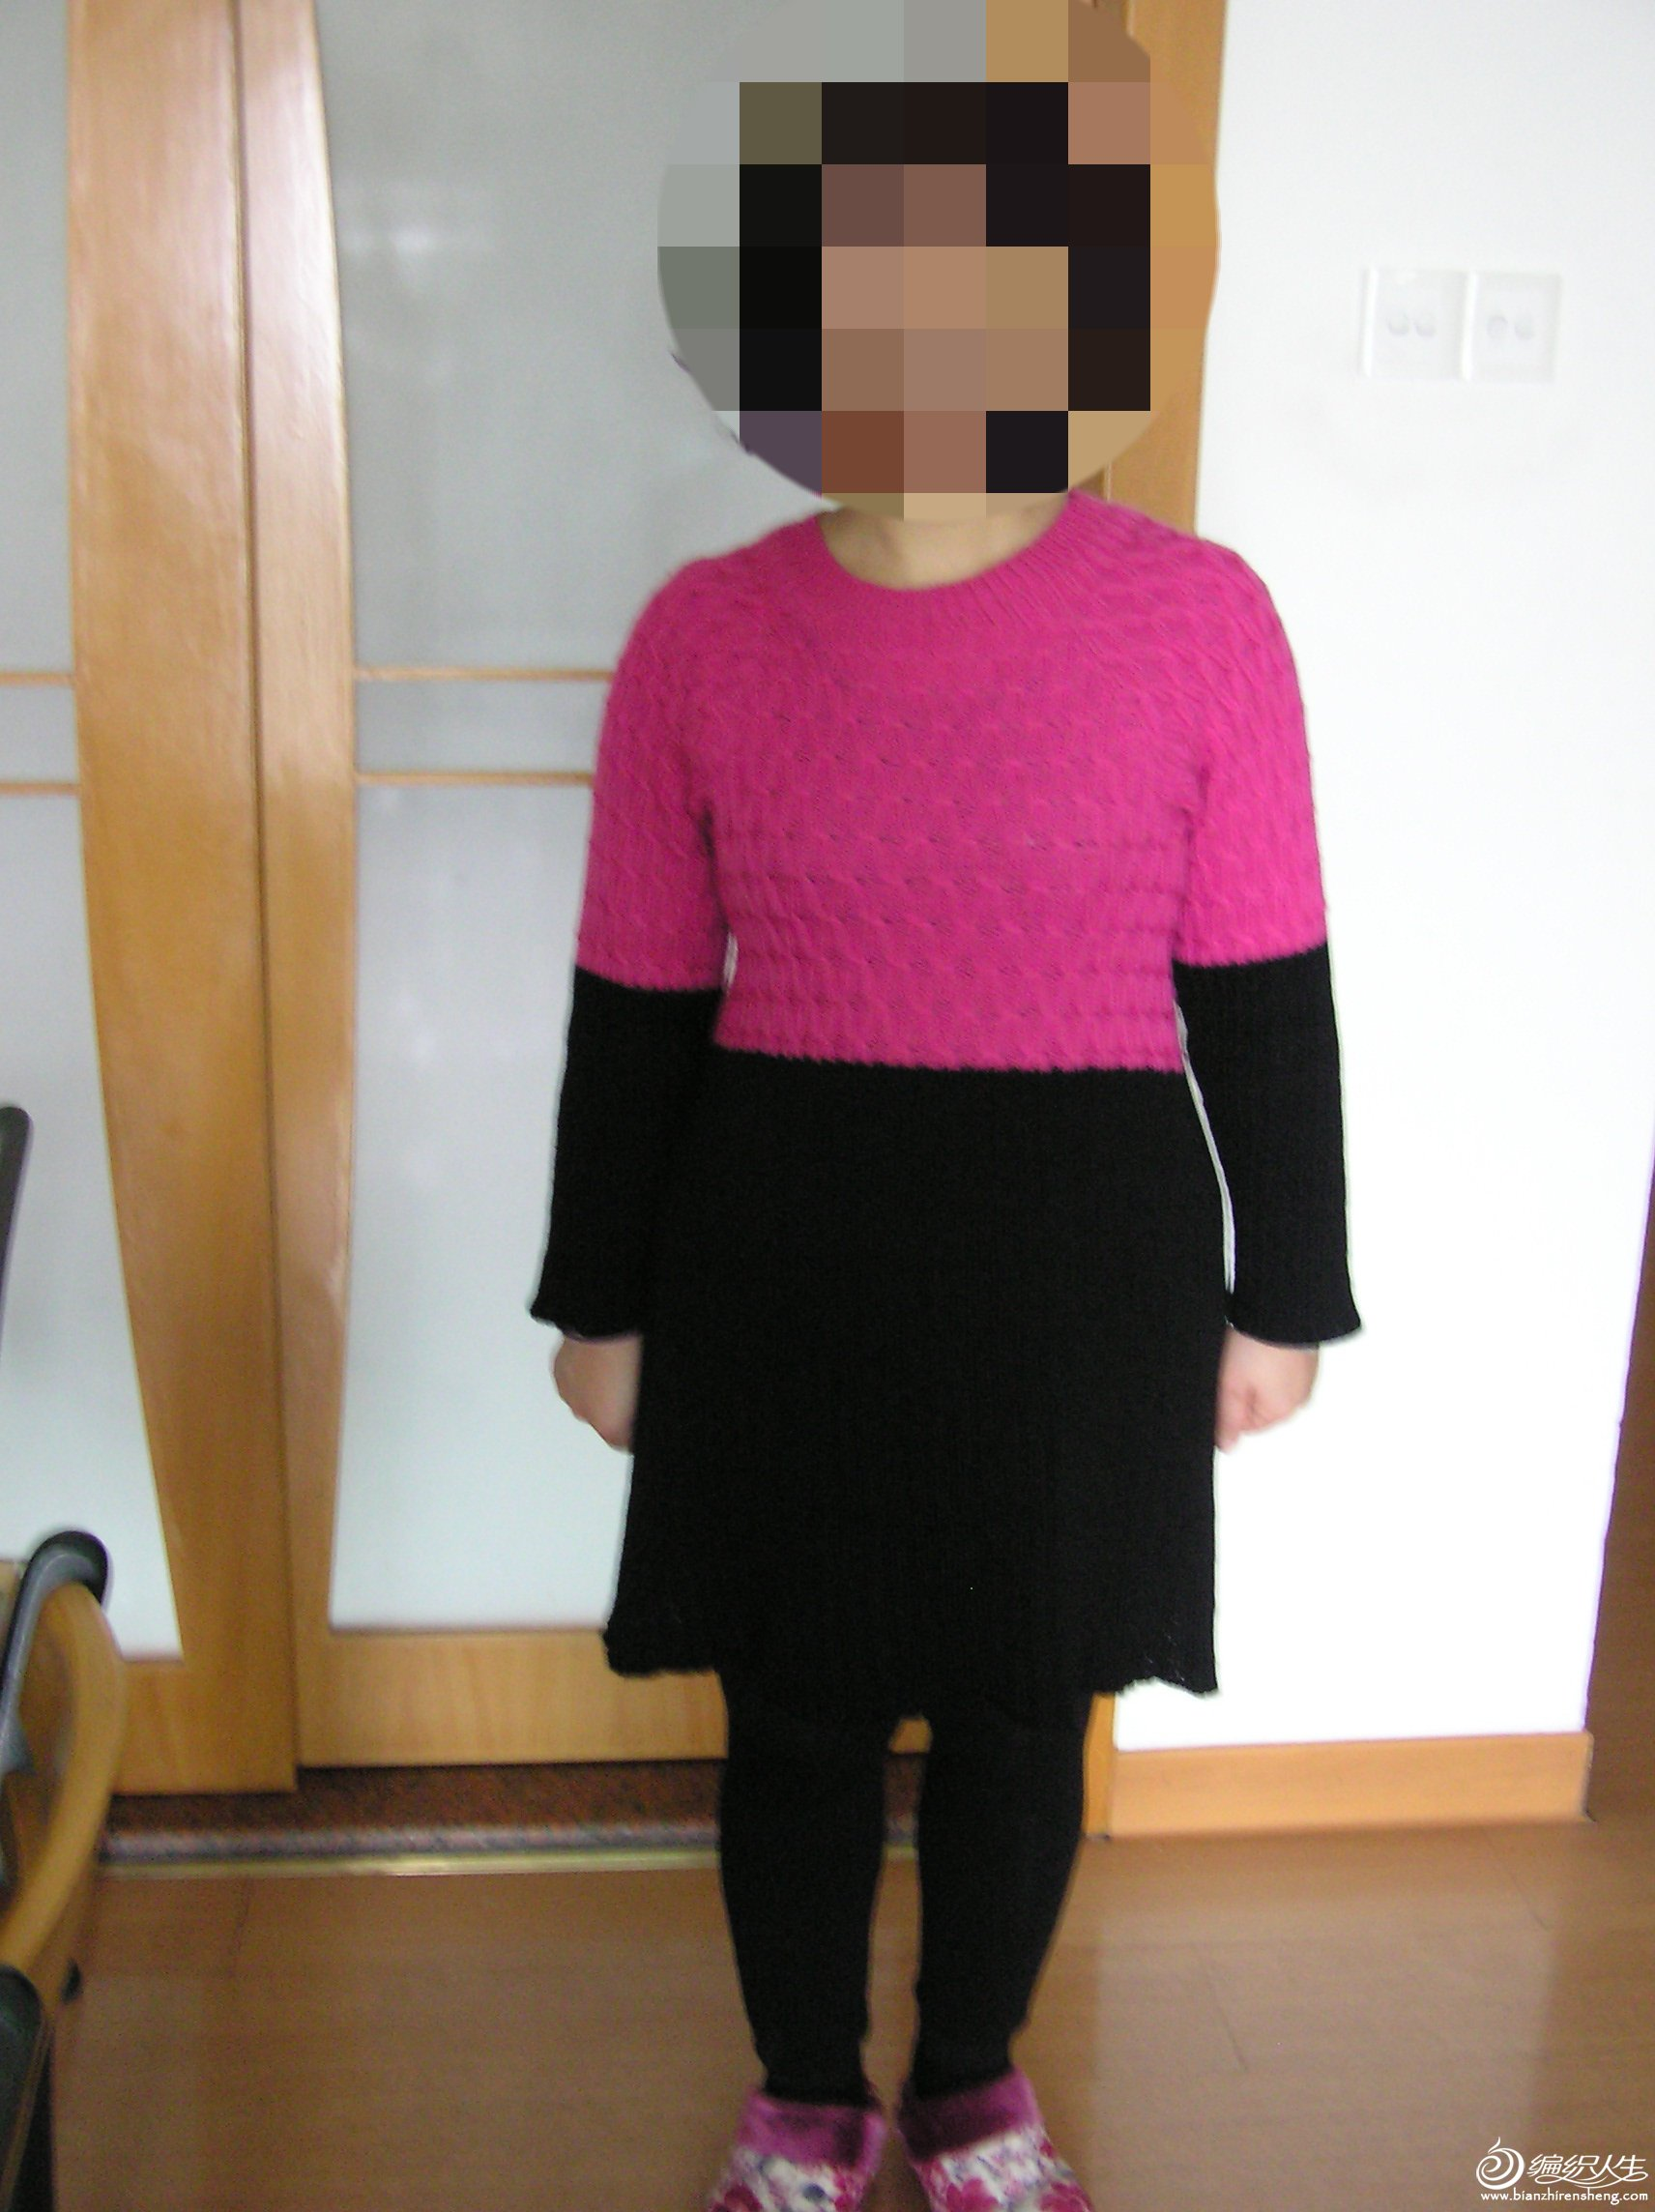 纪念:历时2年仿制走形的秋日私语毛衣2